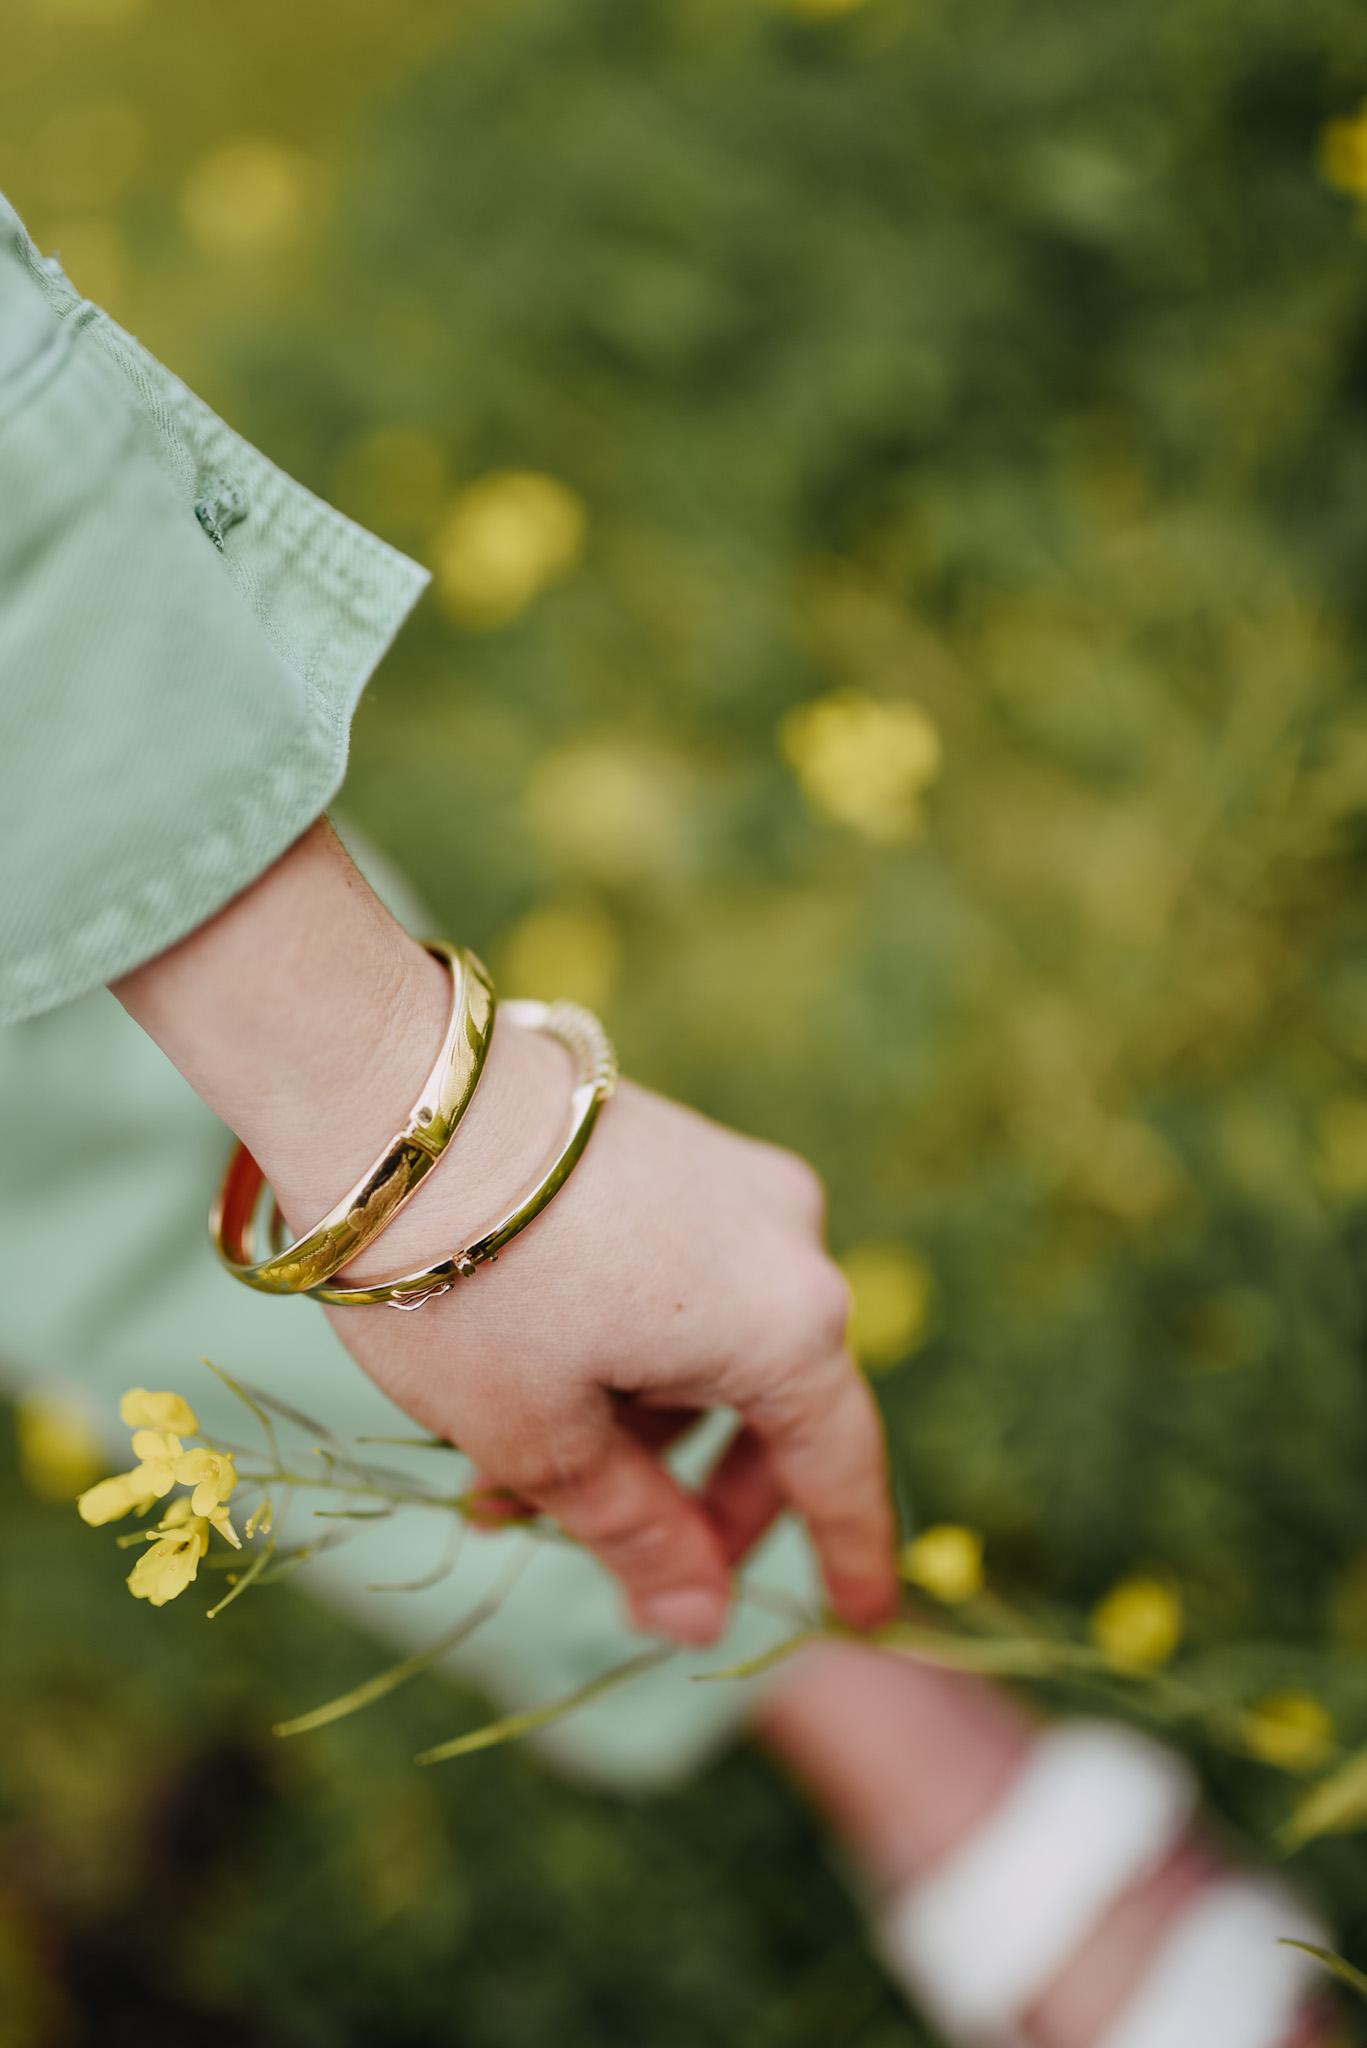 KatWalkSF Kat Ensign wearing a gold bracelet at the Half Moon Bay Superbloom.